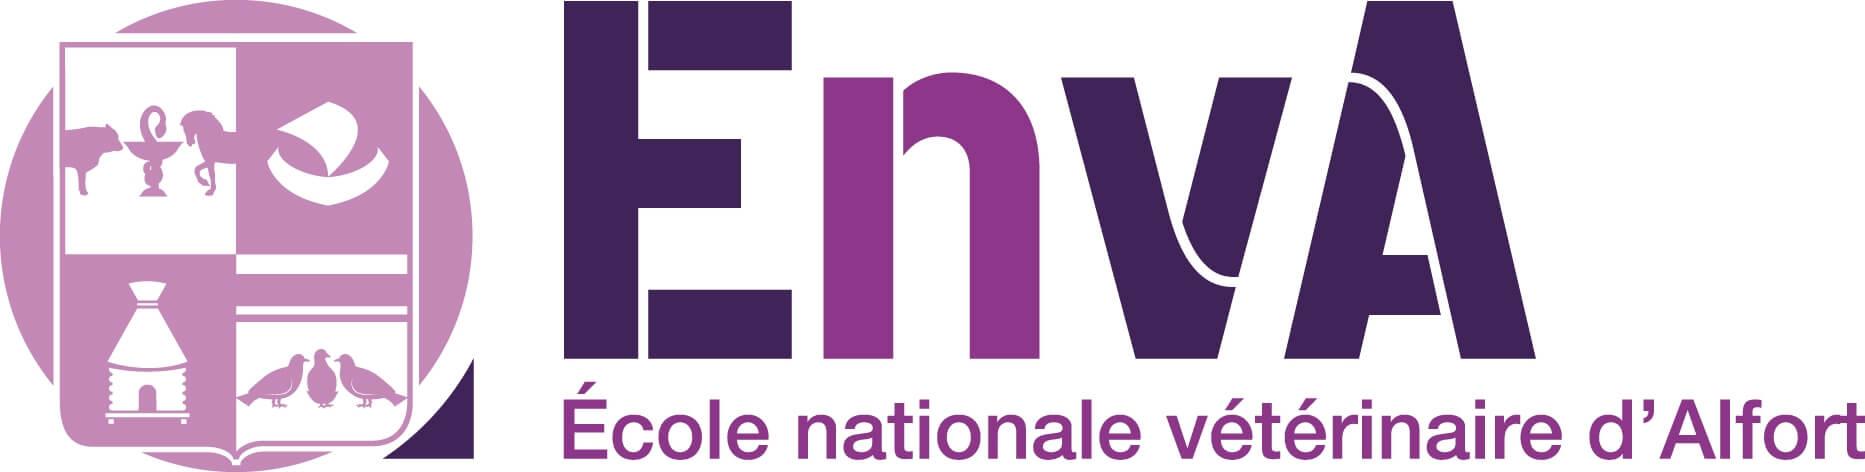 Logo Ecole nationale vétérinaire d'Alfort (ENVA)